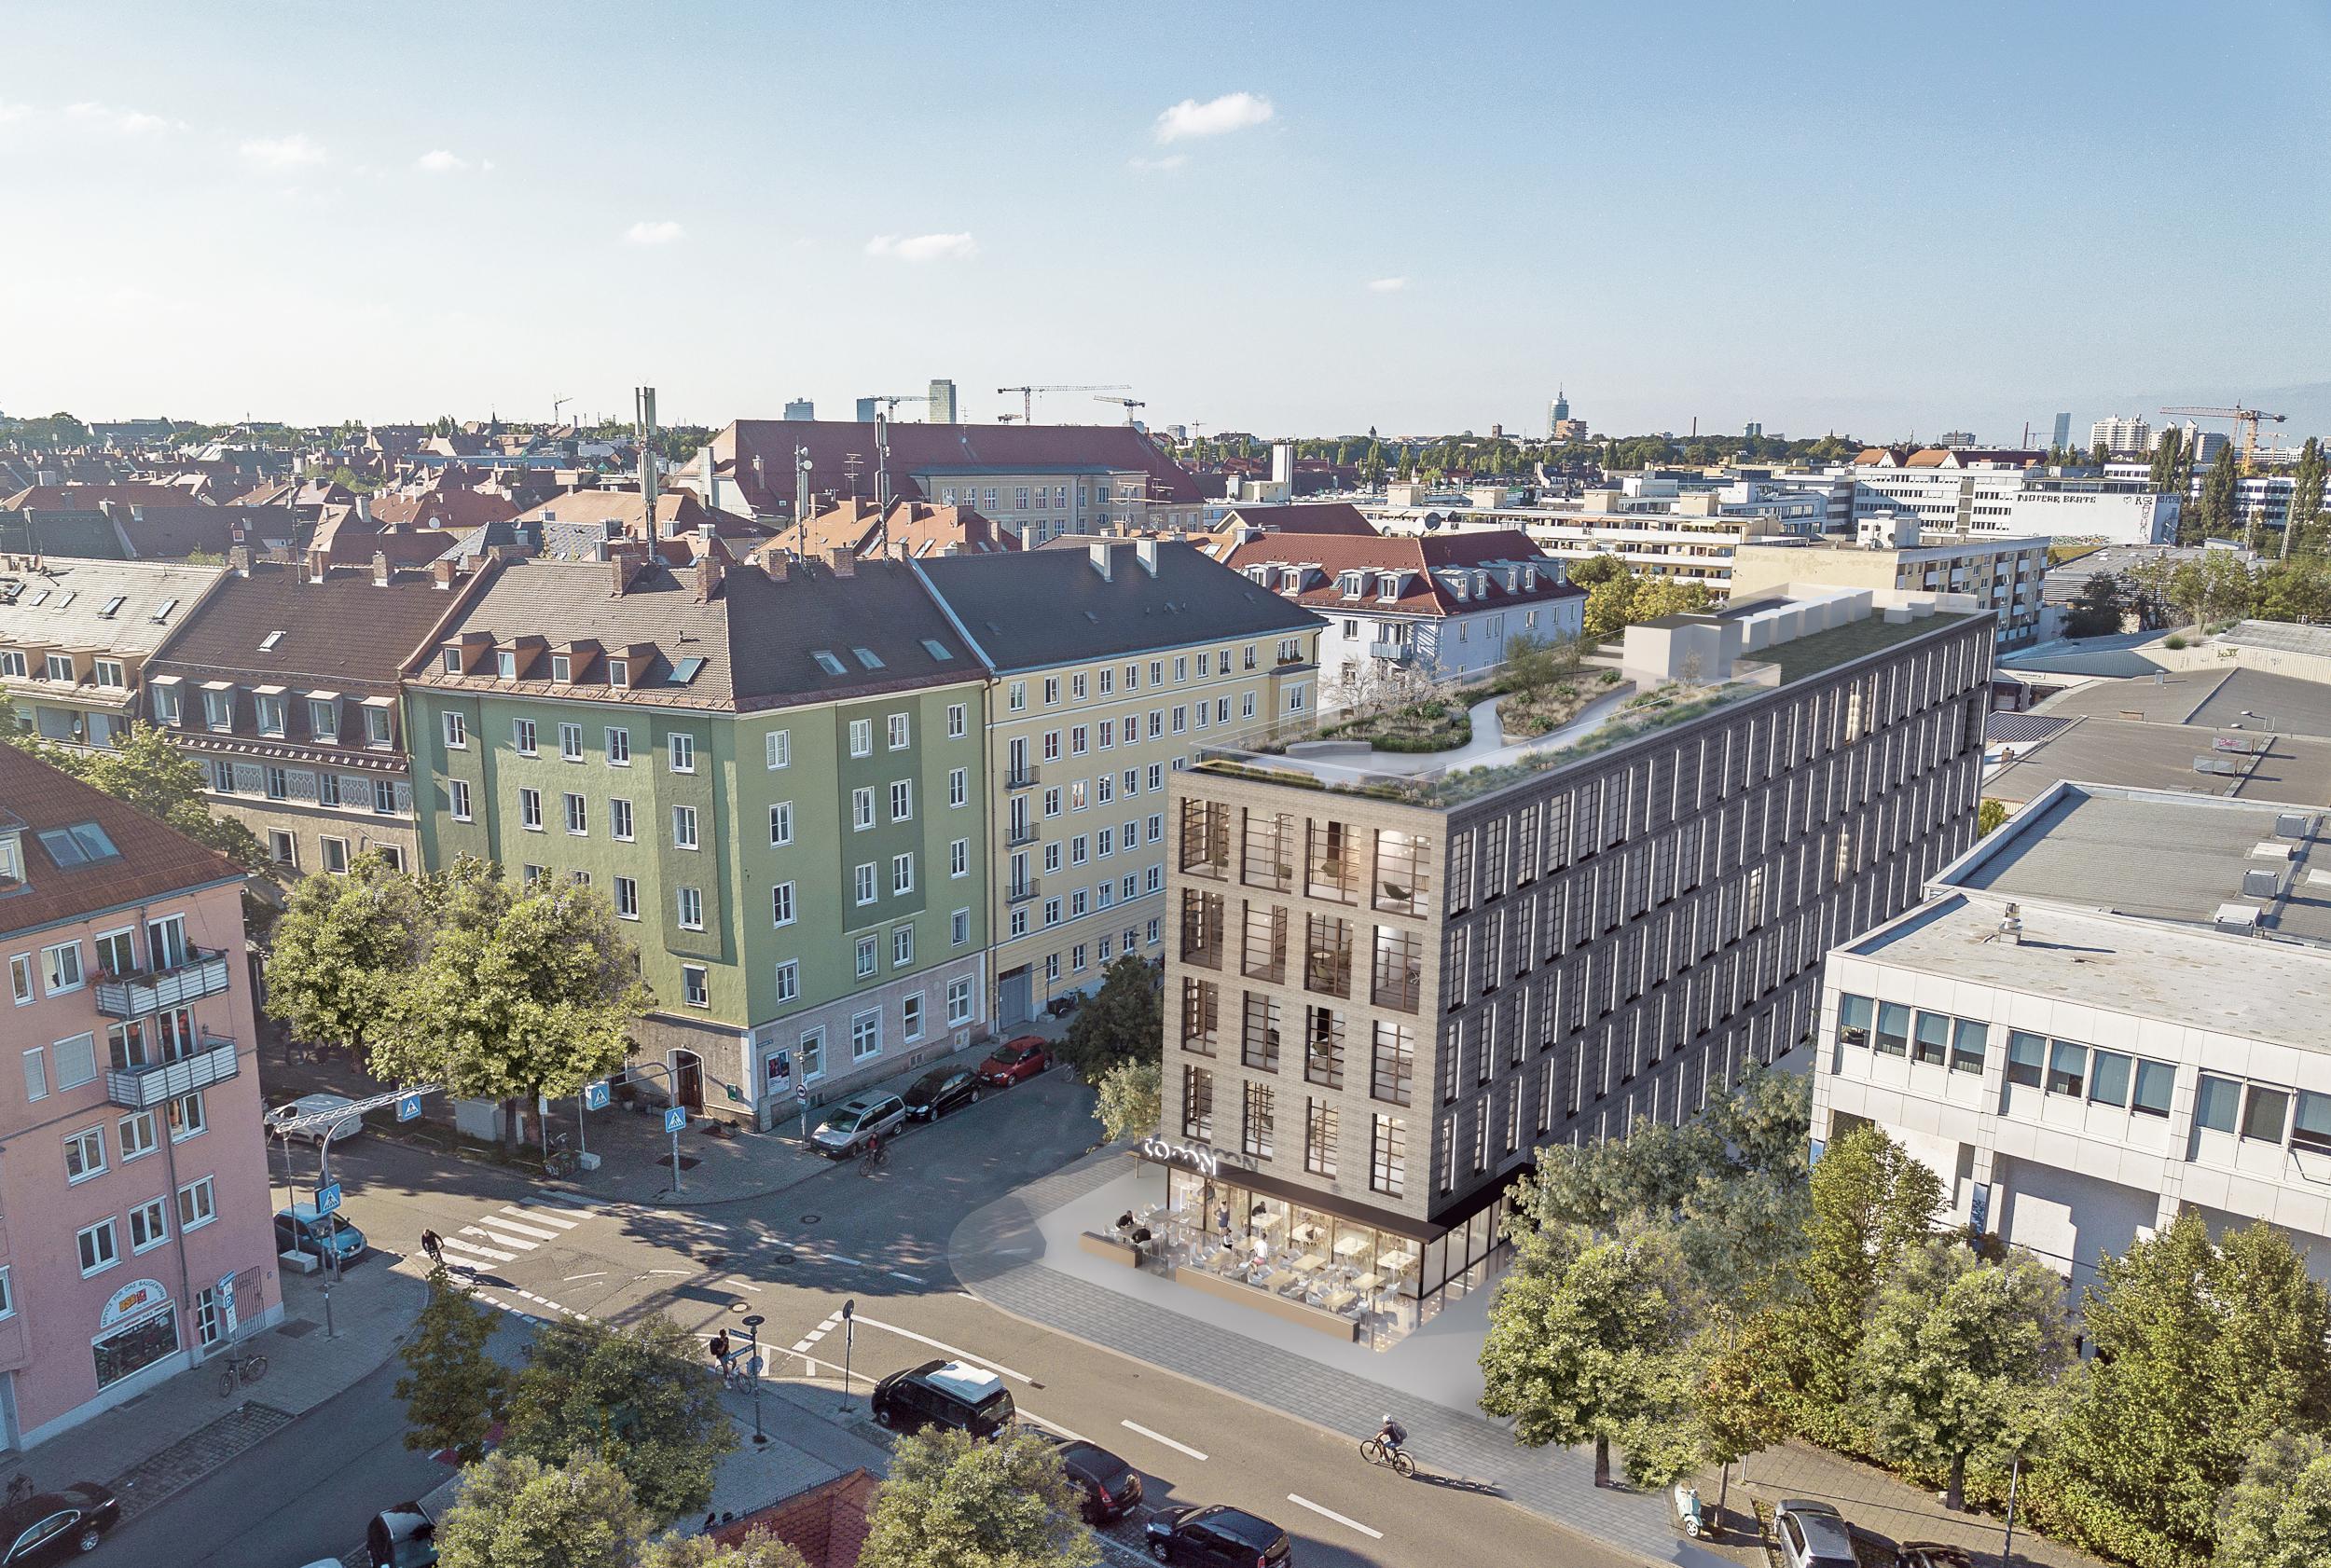 comN Fassadenansicht Vogelperspektive (Credit: Urban Progress)